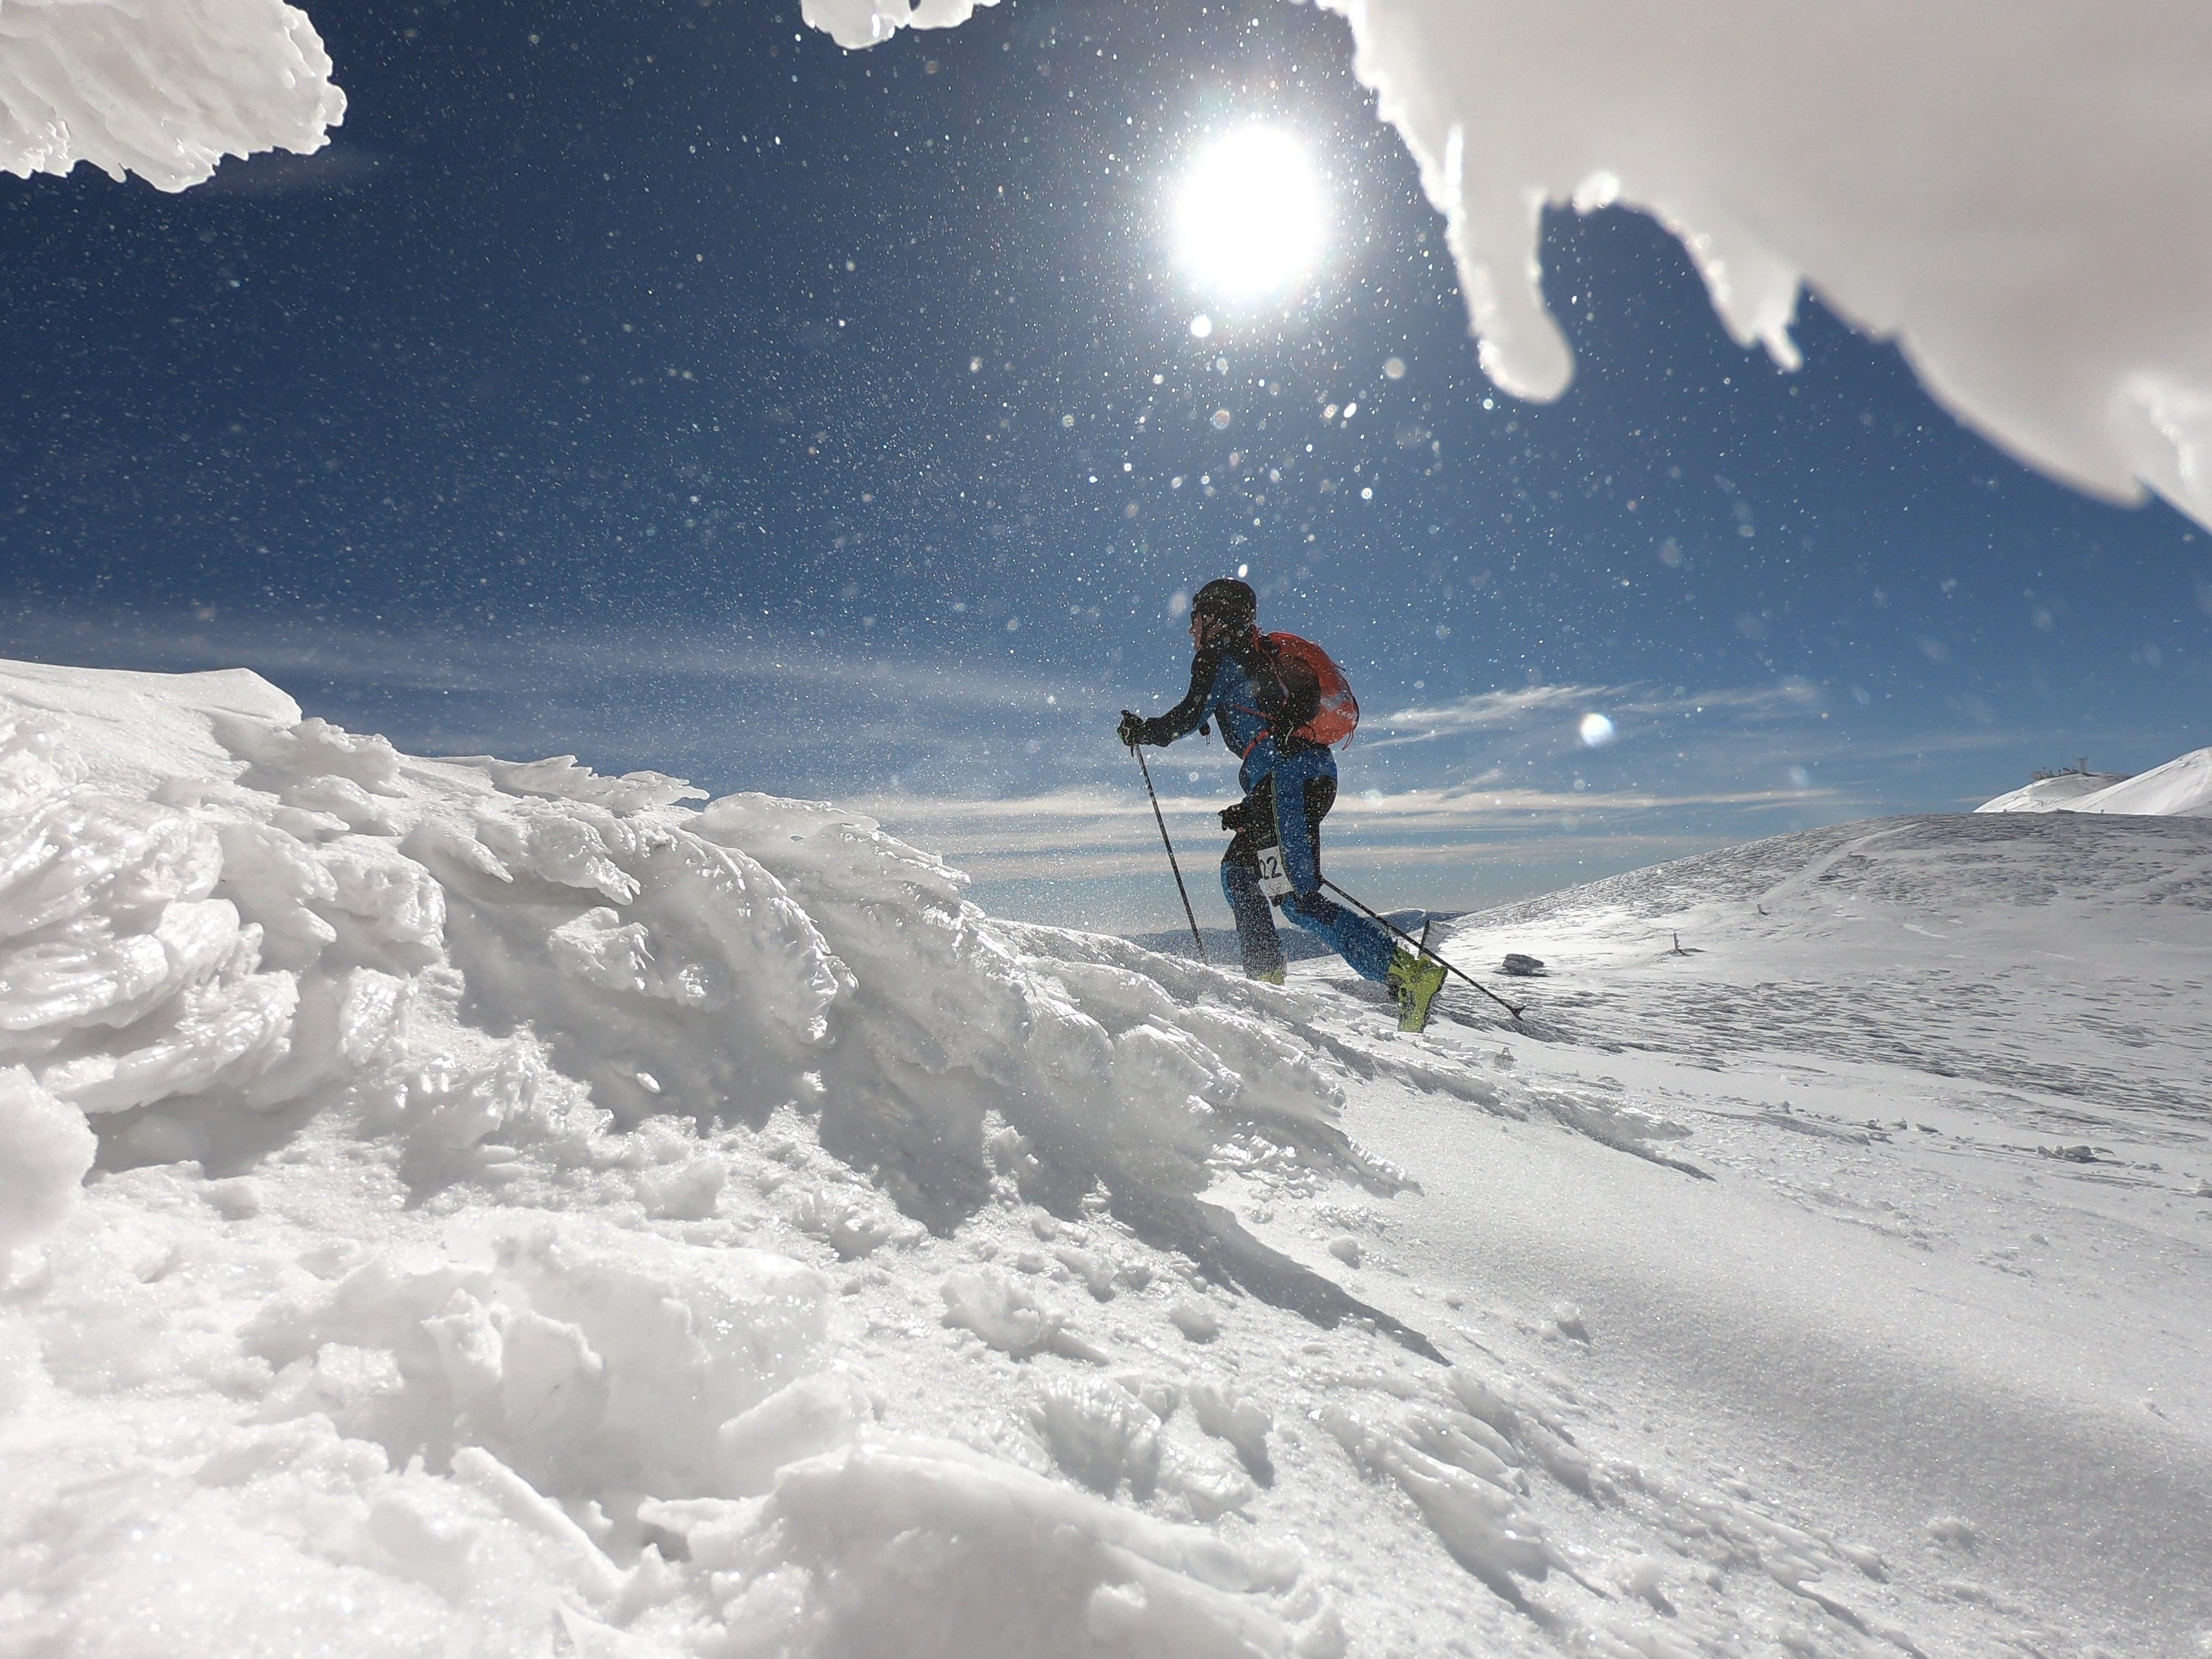 Schitouren Rennen am Schneeberg kurz vor Fischerhütte